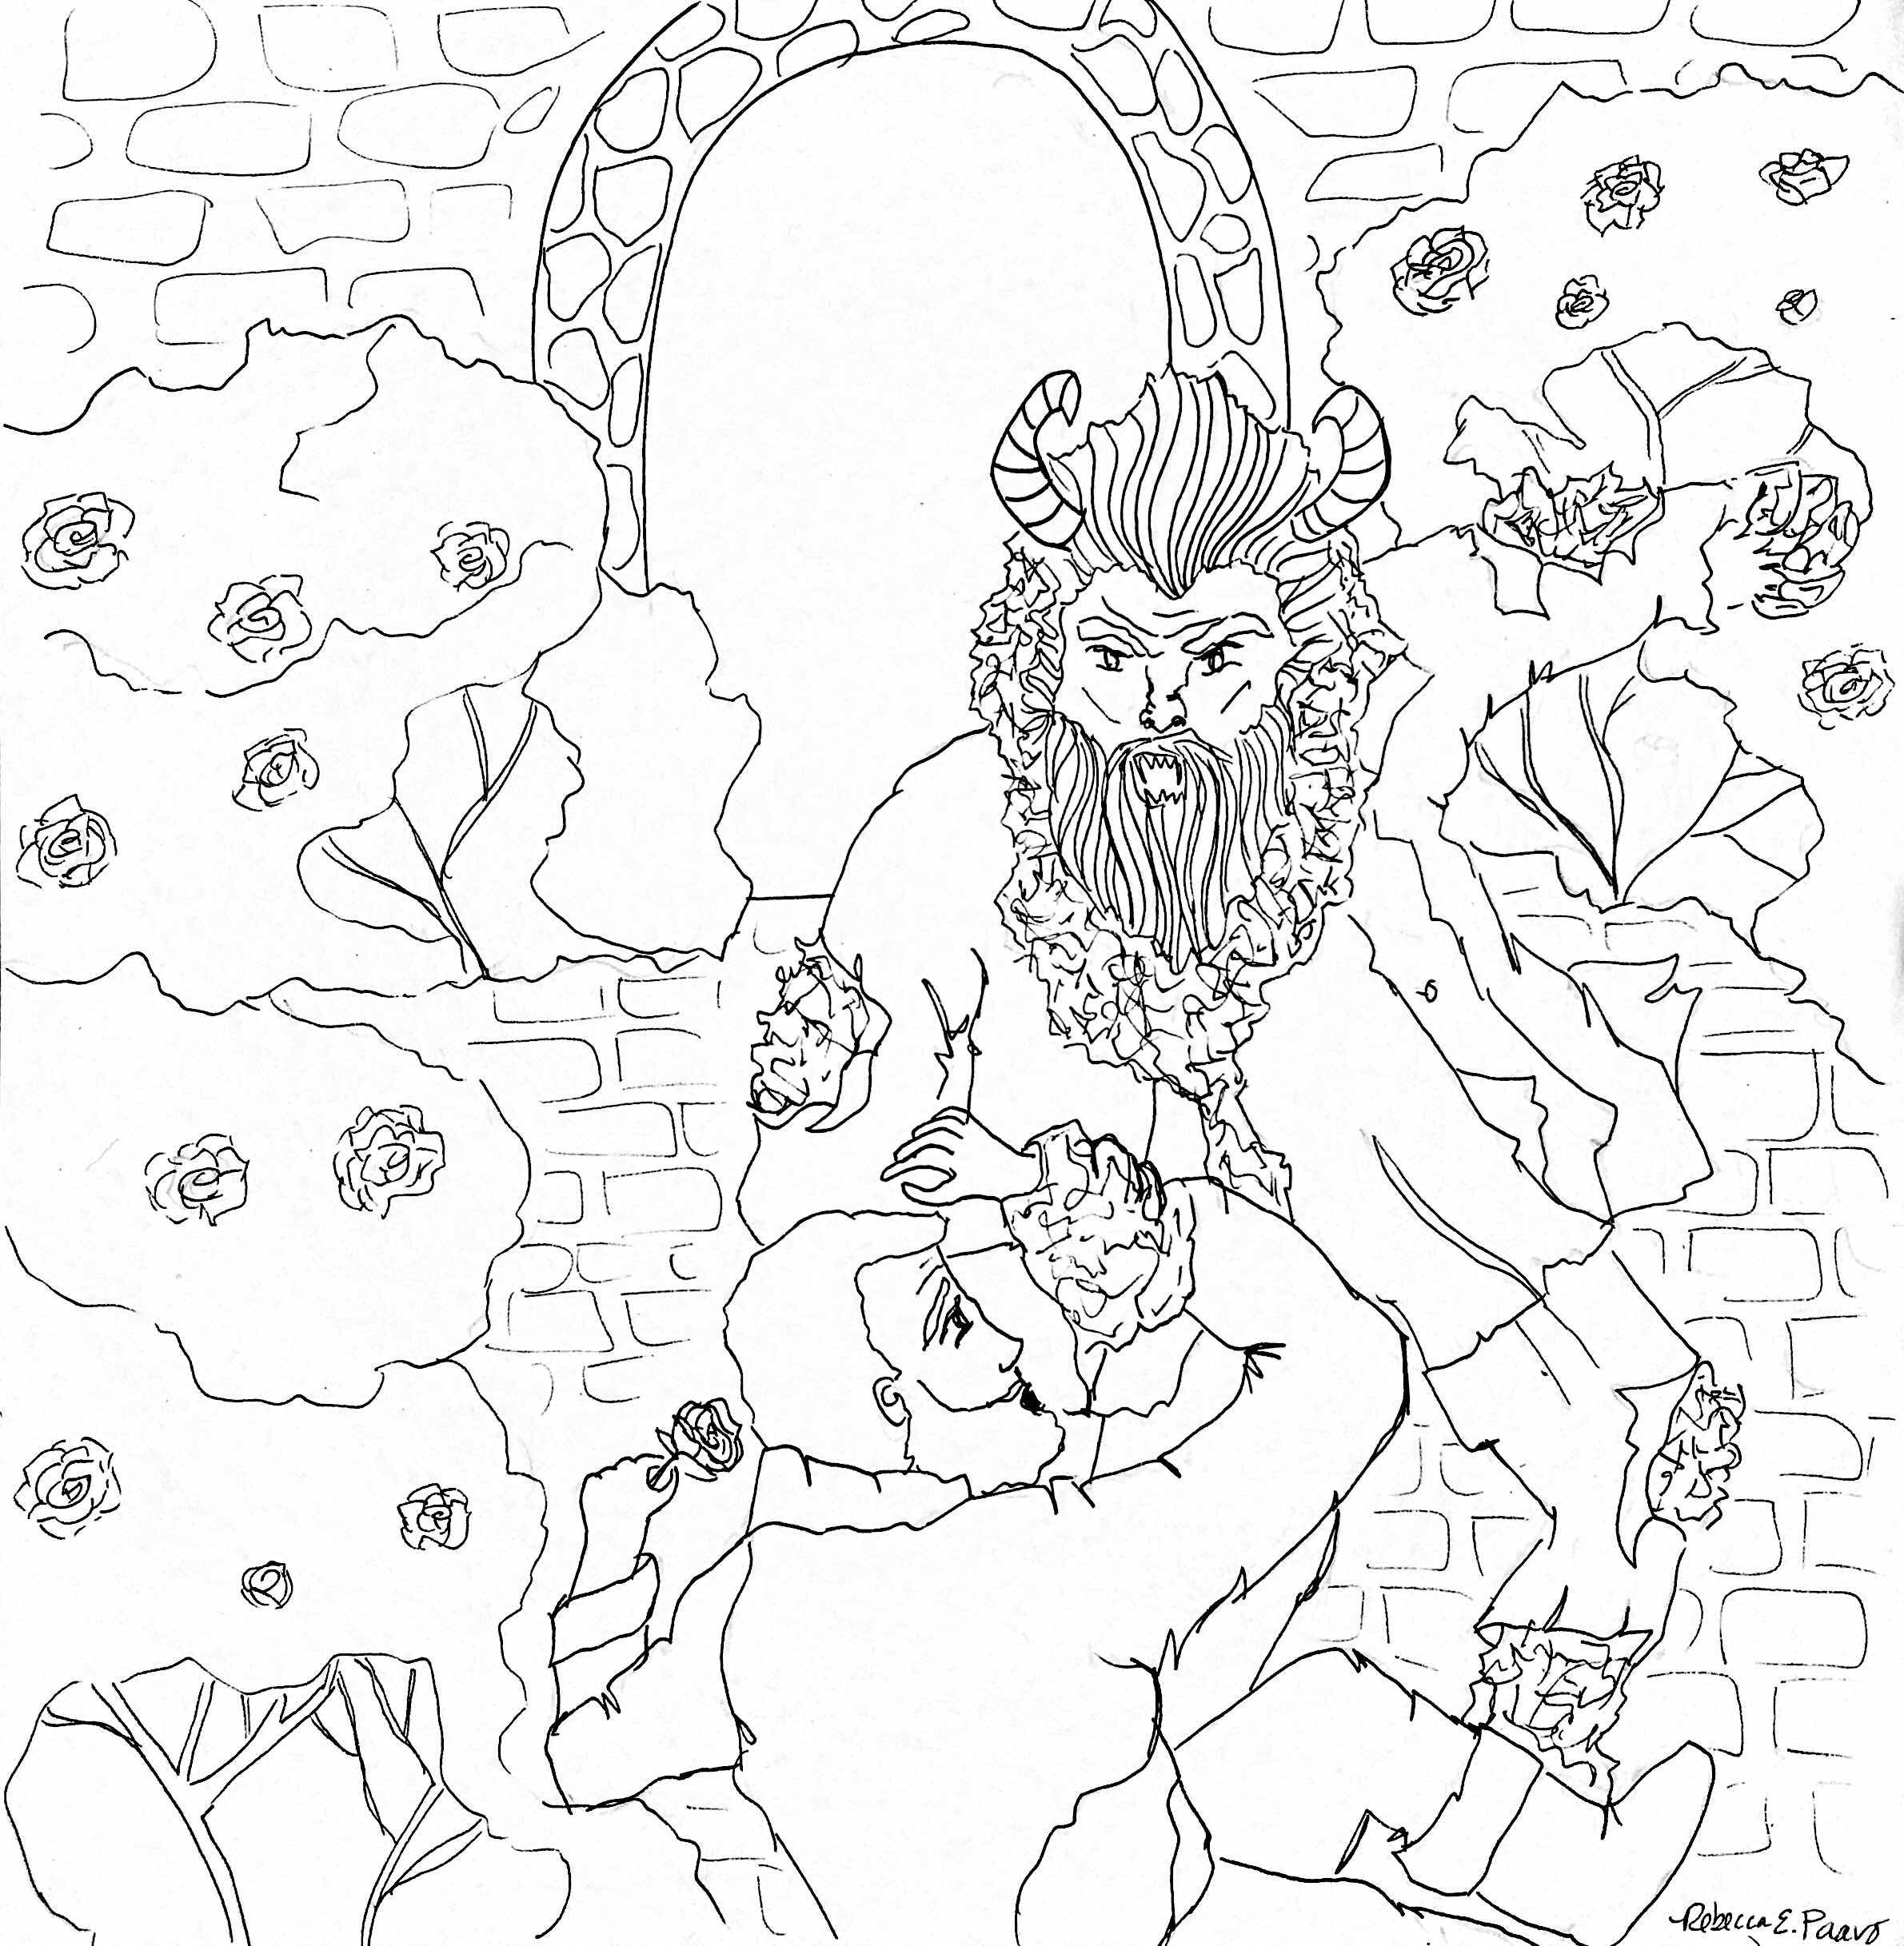 coloring beast.JPG